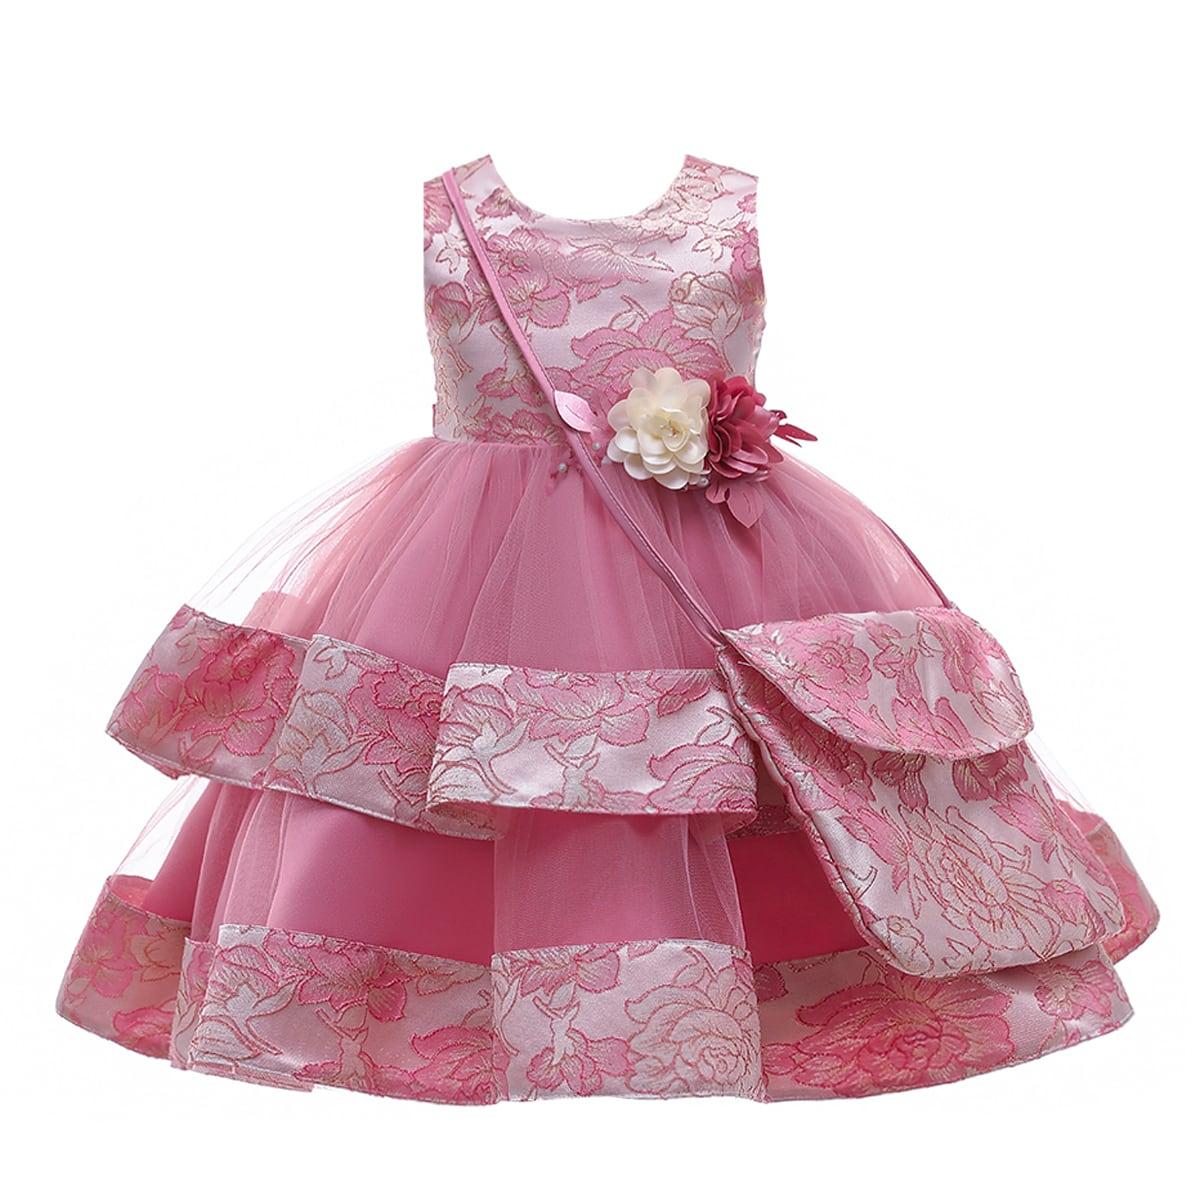 С аппликацией цветочный принт очаровательный нарядное платье для девочек